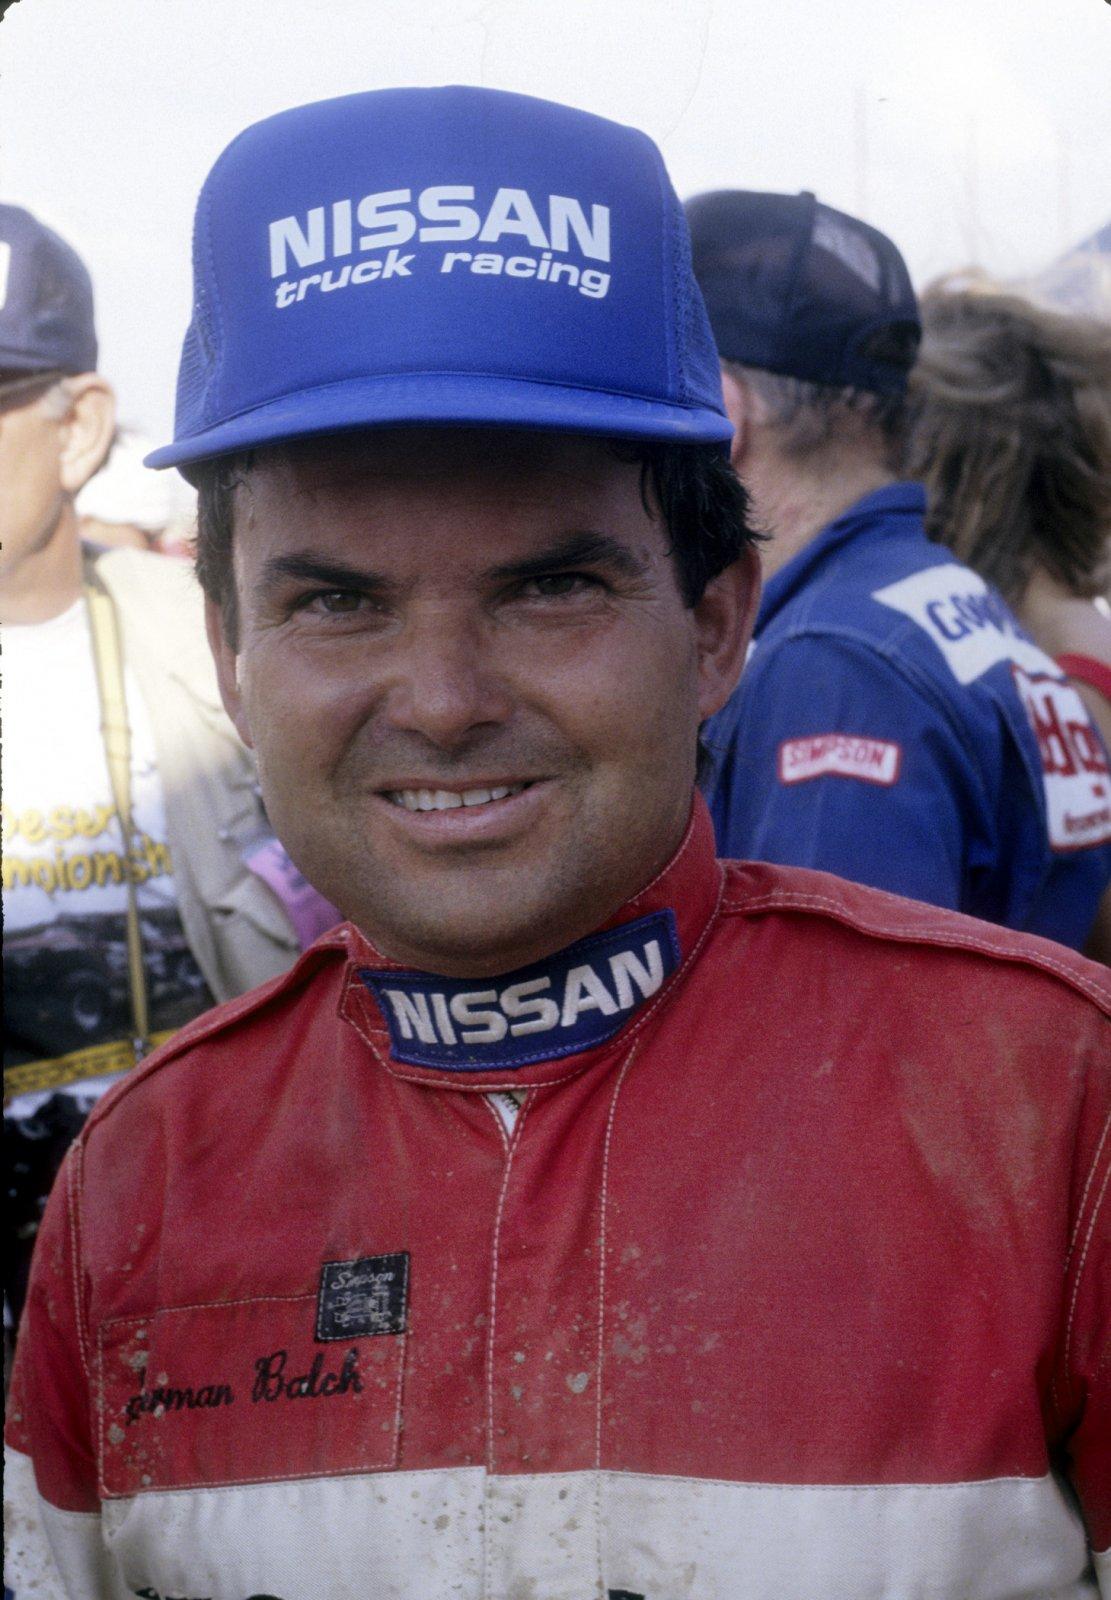 1990.Nevada 500.Balch.headshot.21x.jpg